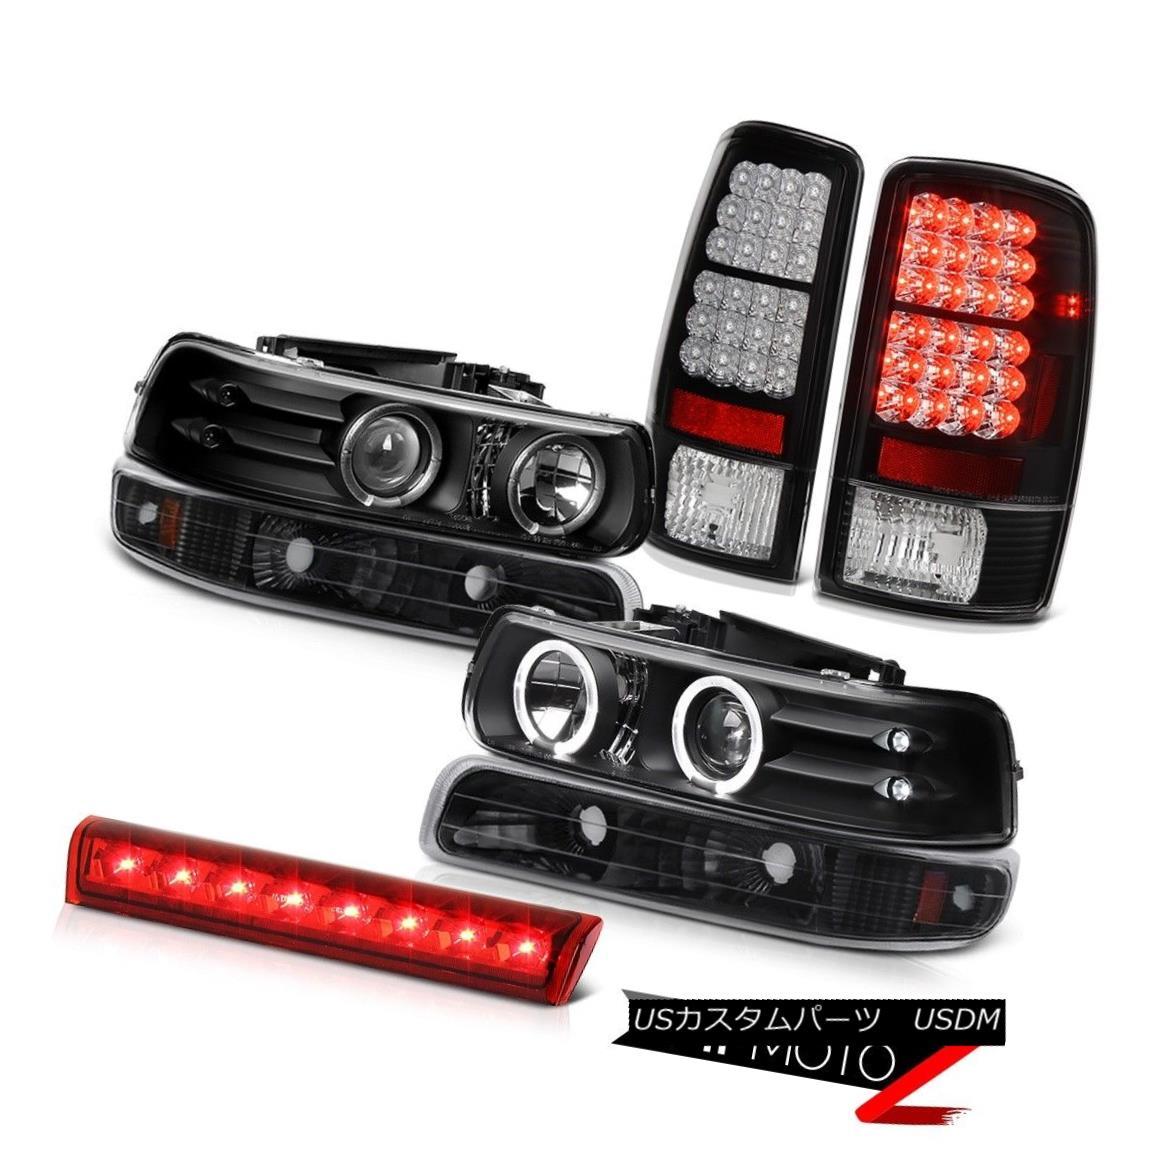 テールライト Black Headlights SMD Halo L.E.D Rear Tail Lights LED 2000-2006 Suburban 6.0L ブラックヘッドライトSMD Halo L.E.DリアテールライトLED 2000-2006郊外6.0L